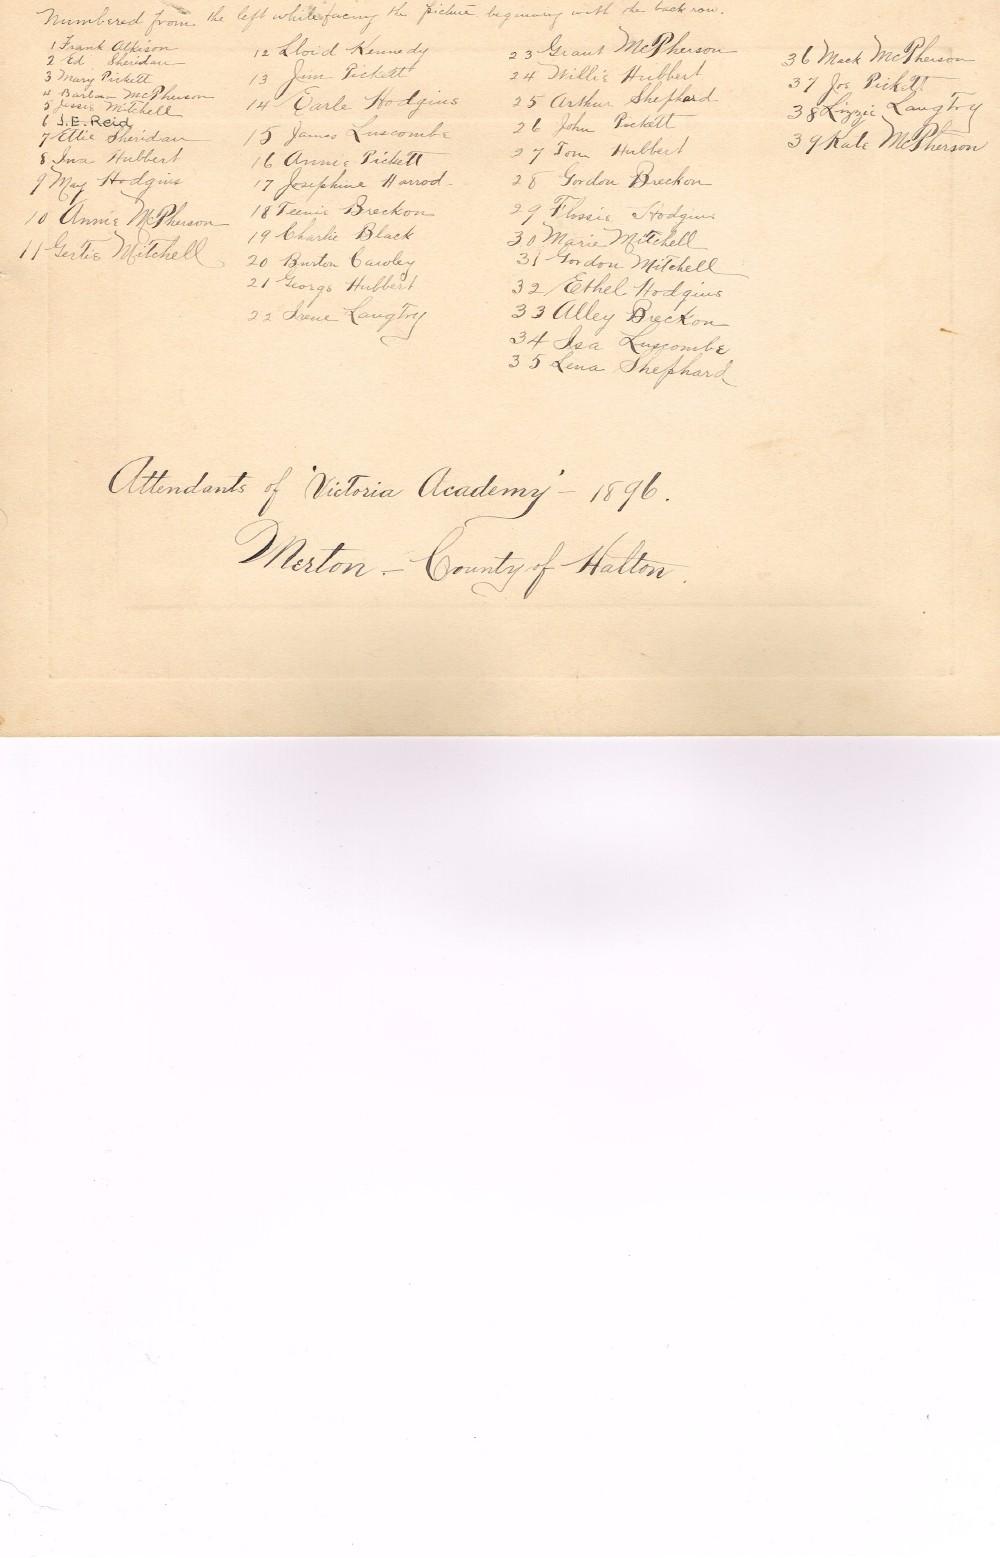 Victoria Academy, Merton, 1896 (S.S. #15, Merton, Halton County)